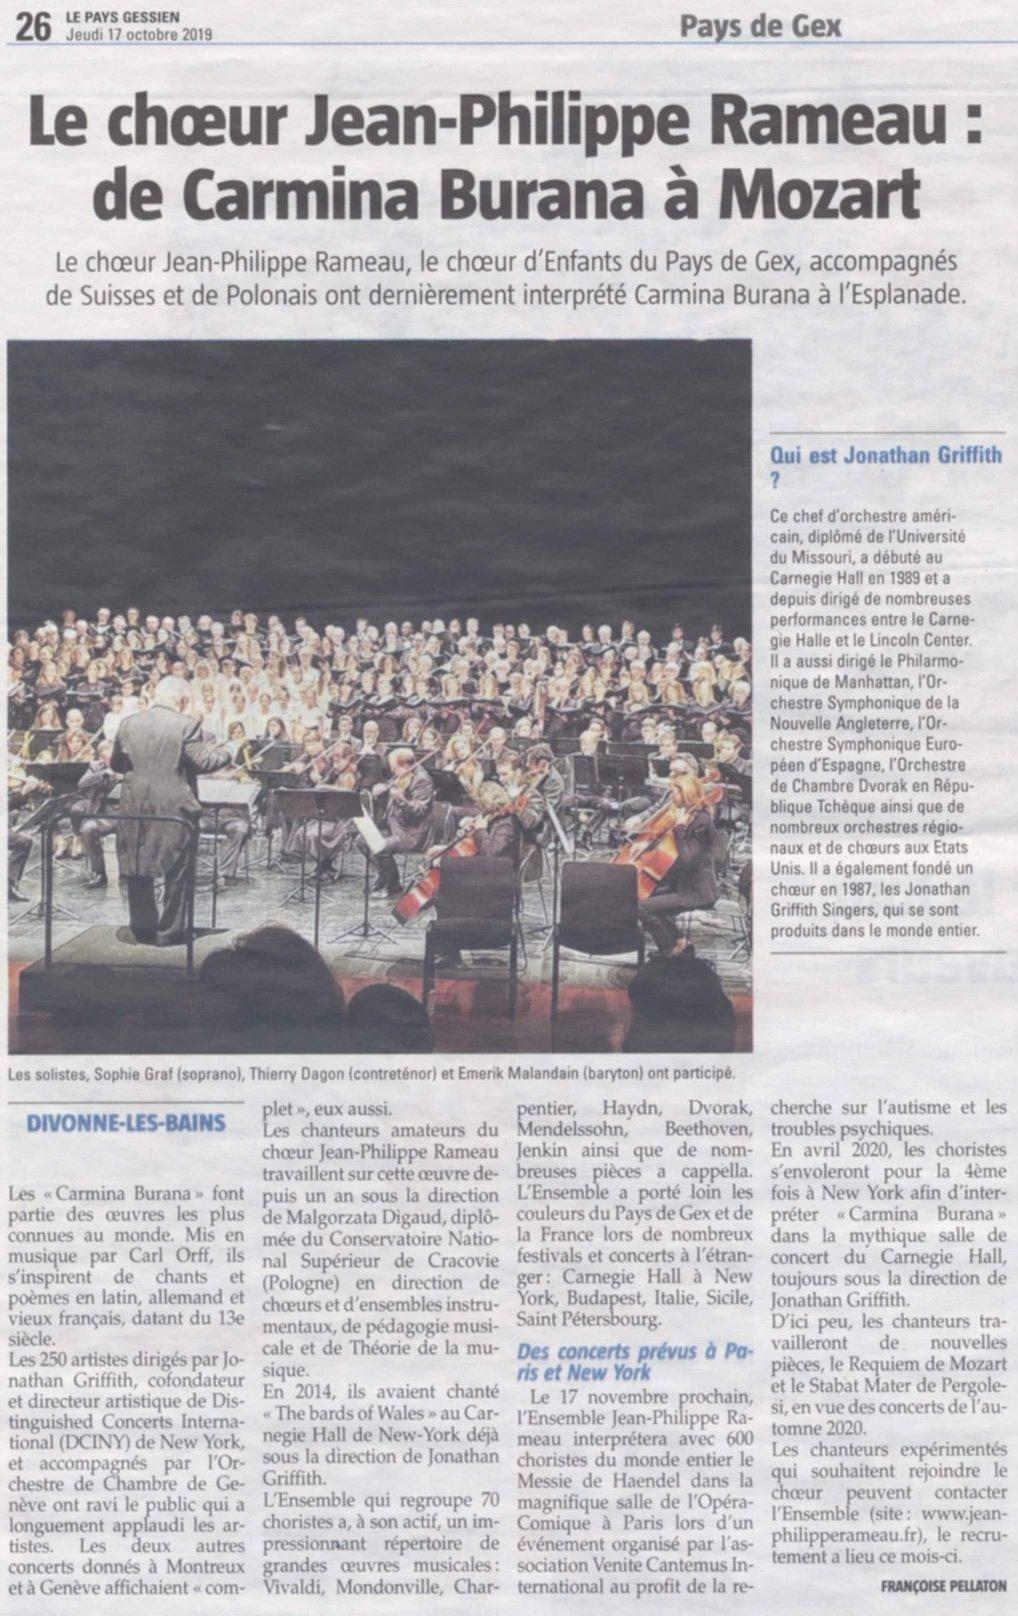 Le chœur Jean-Philippe Rameau : de Carmina Burana à Mozart